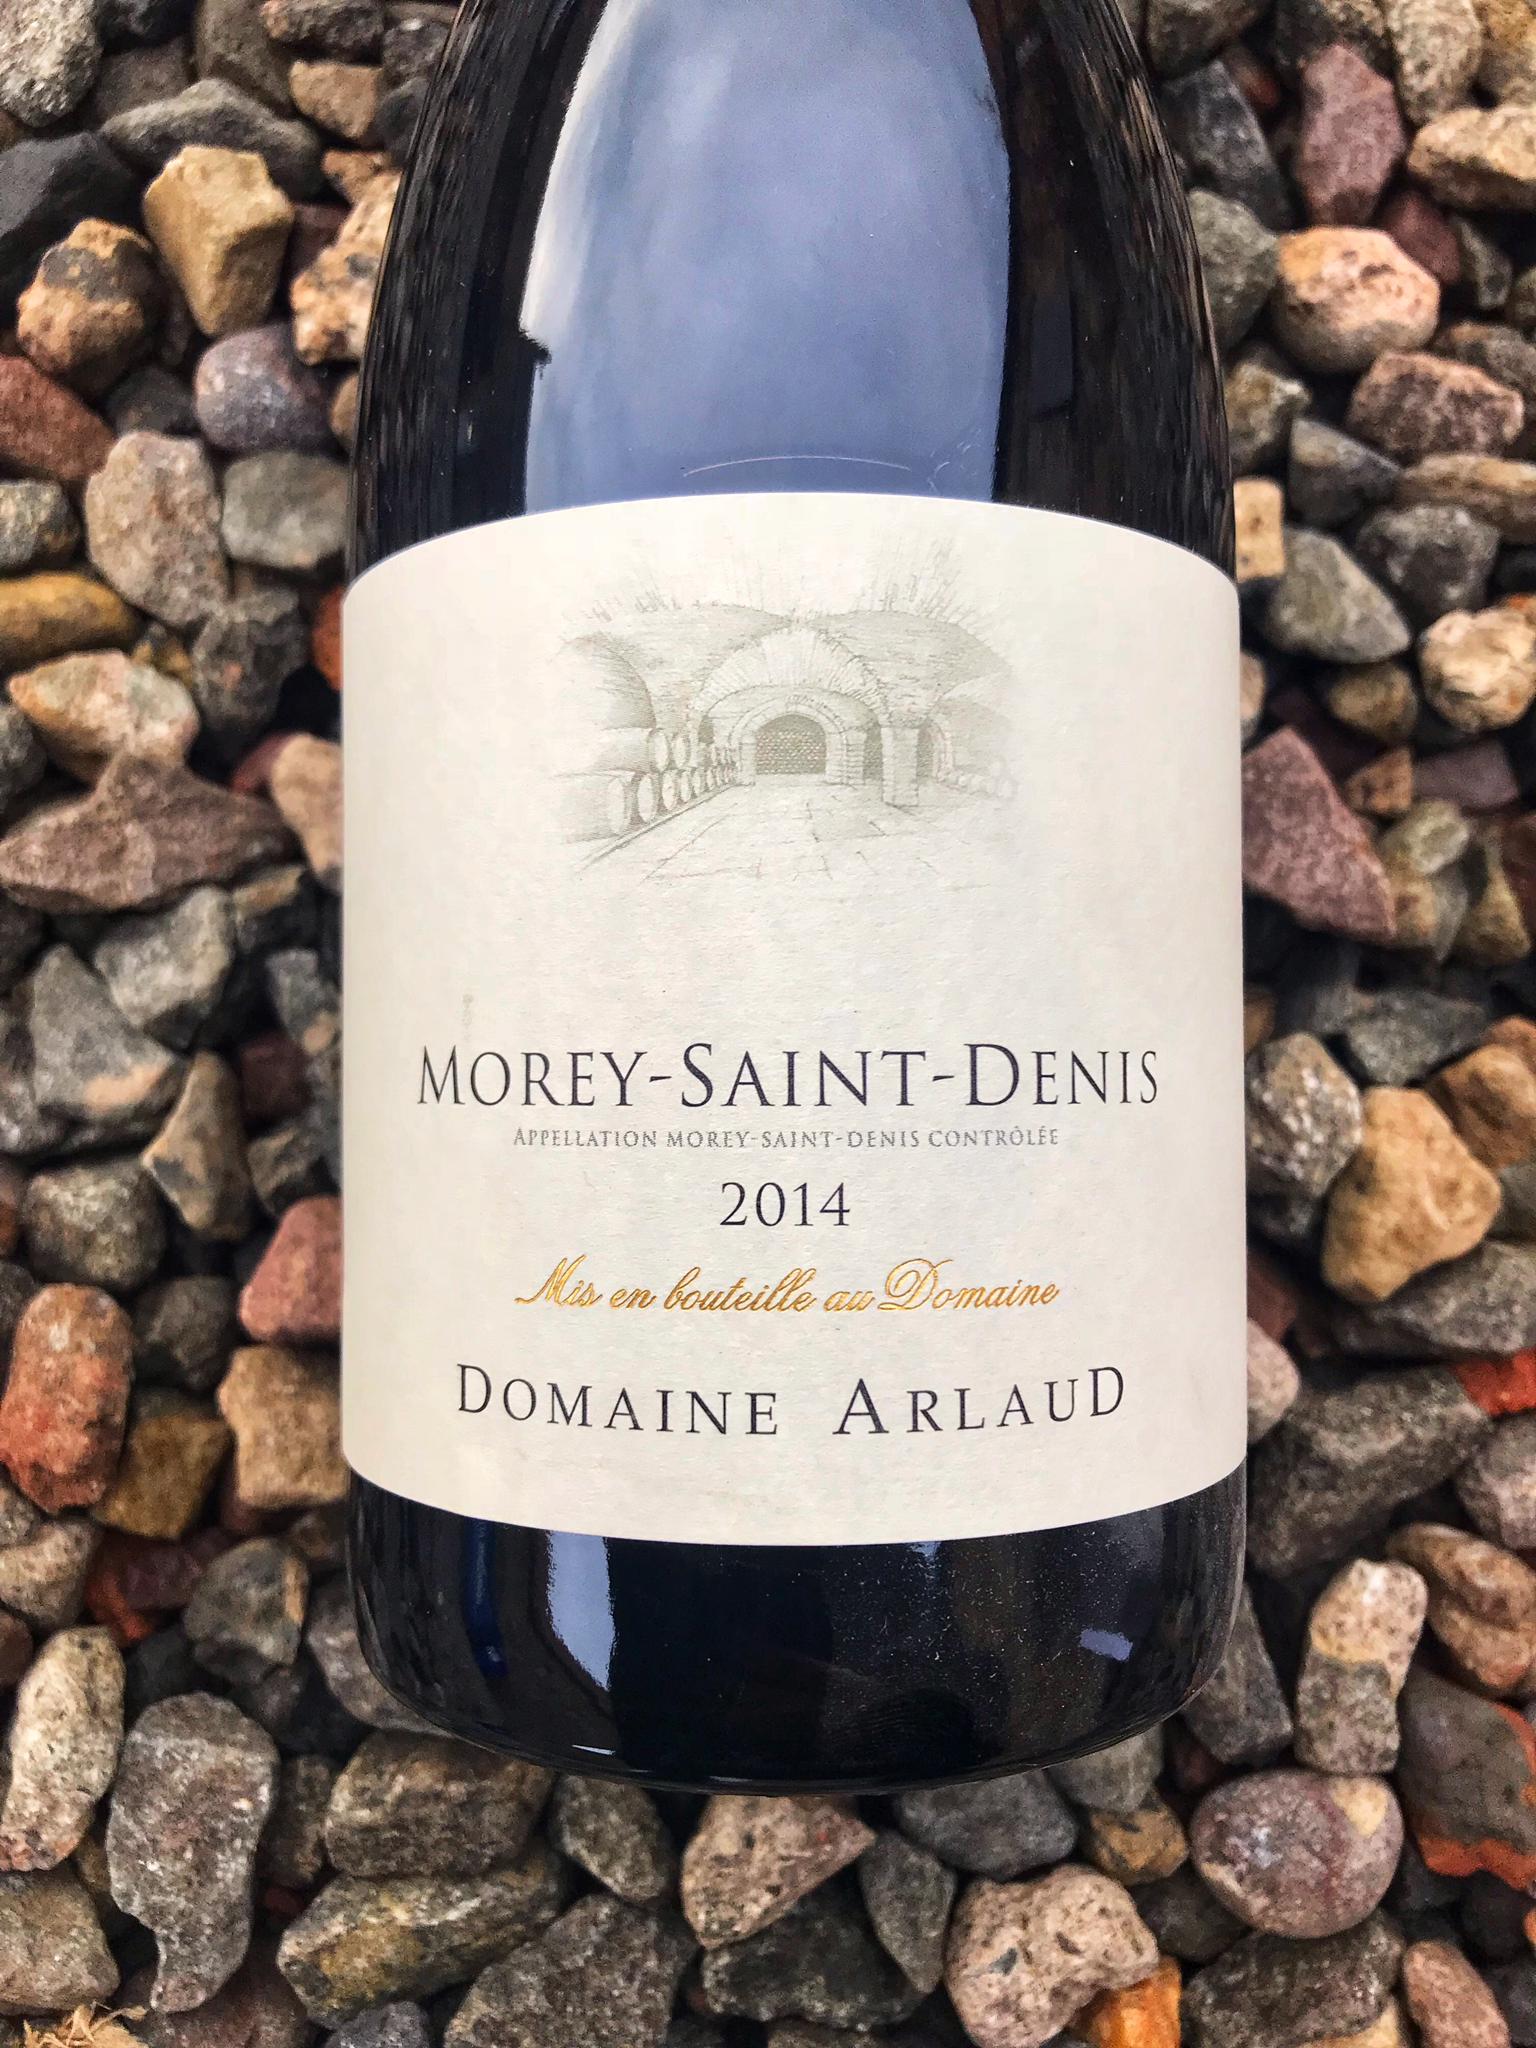 Morey St Denis Domaine Arlaud 2014 00139